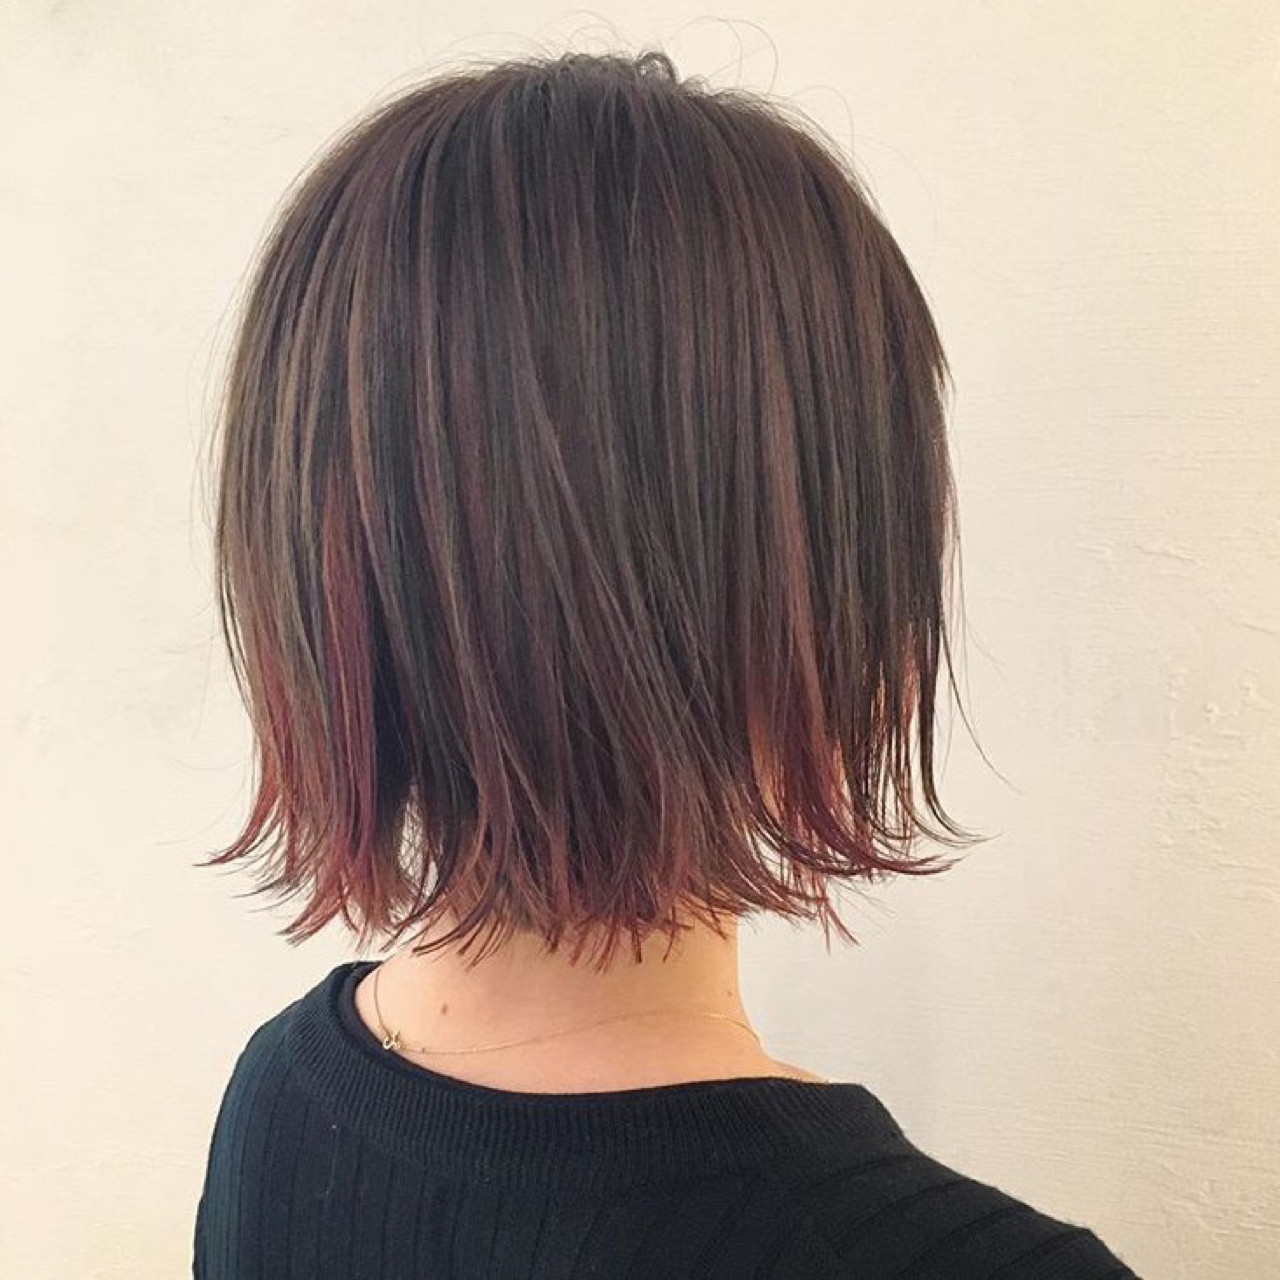 オルチャンから大人気!黒髪の切りっぱなしボブスタイル♡ 三好 佳奈美